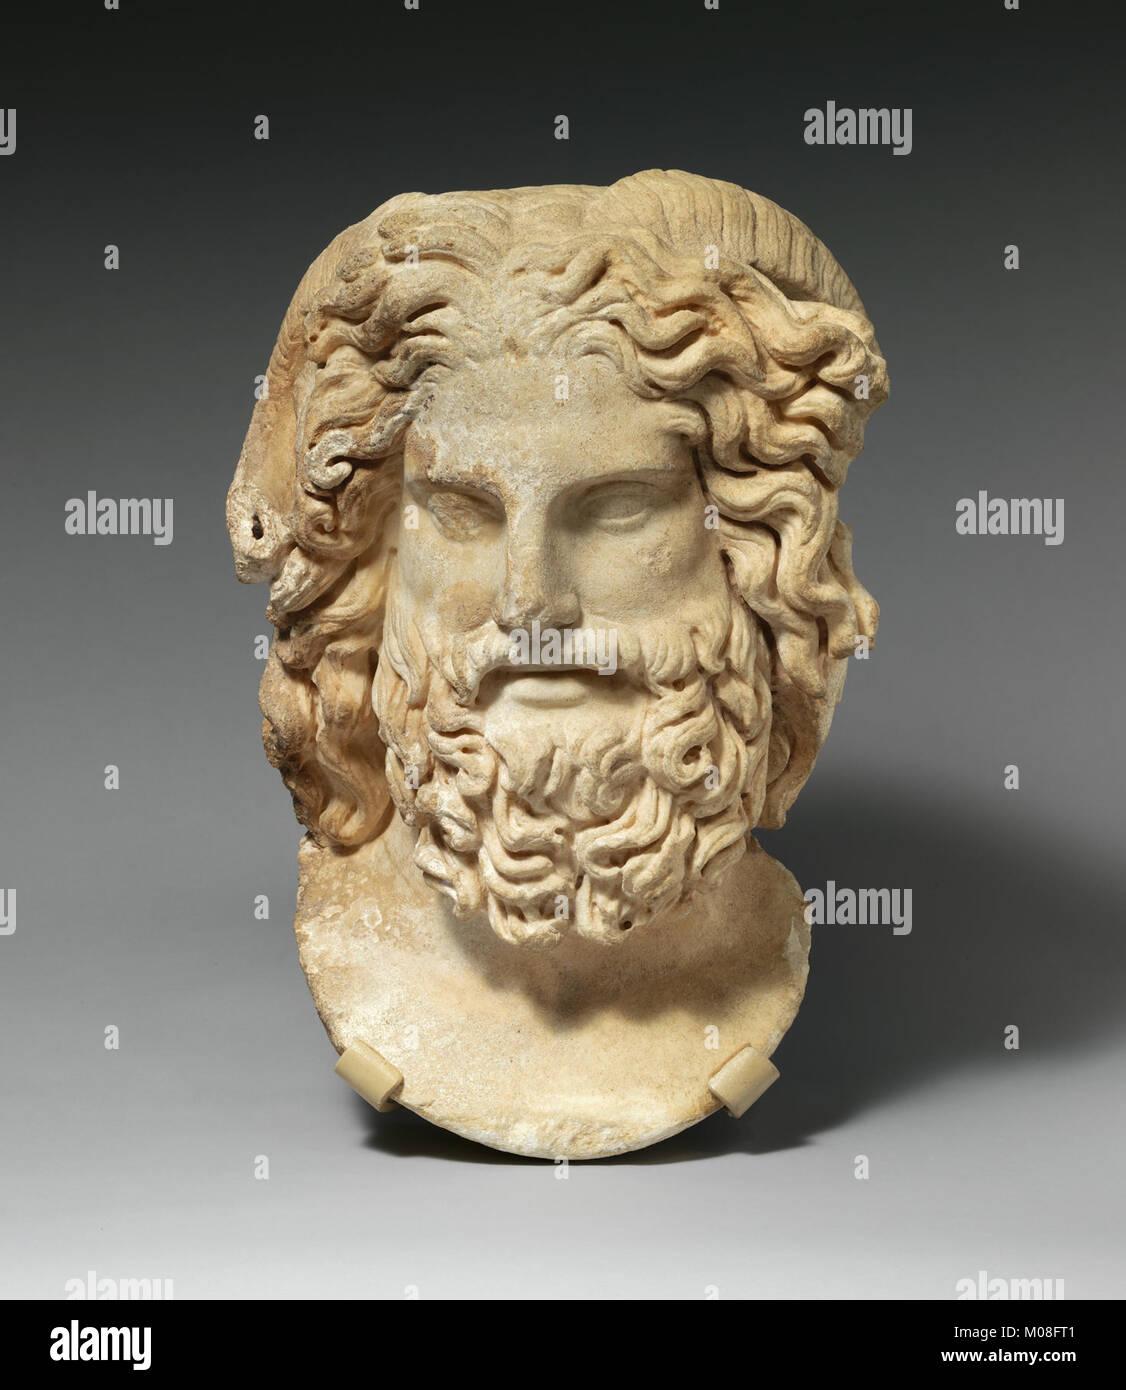 Zeus site de rencontre Australie